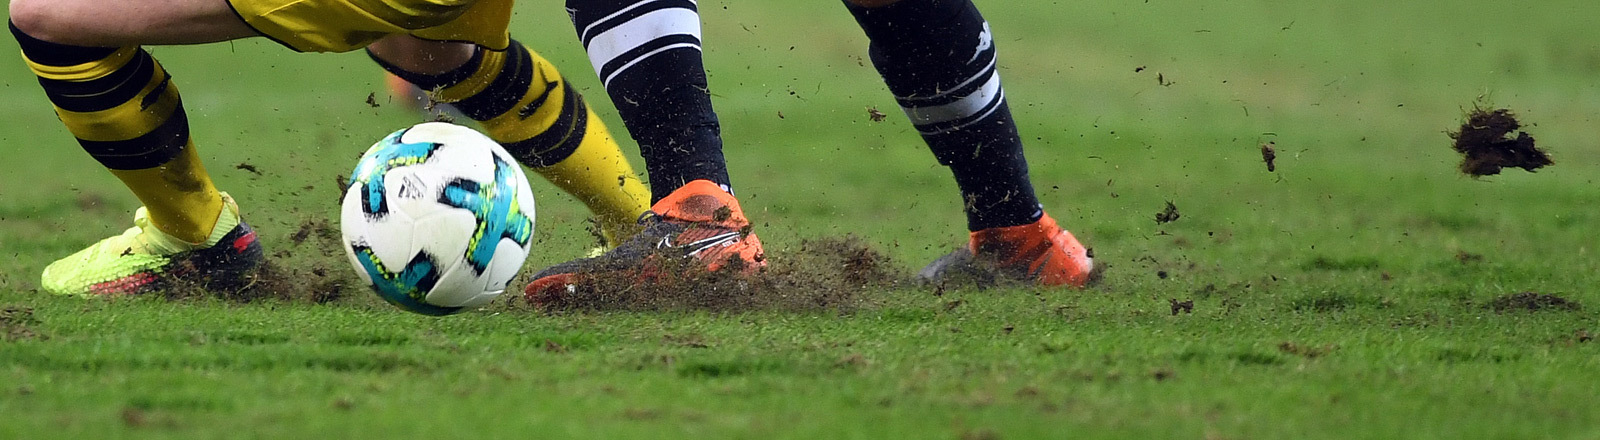 Zwei Bundesligsten bei einem Match auf einem Rasen im Stadion.